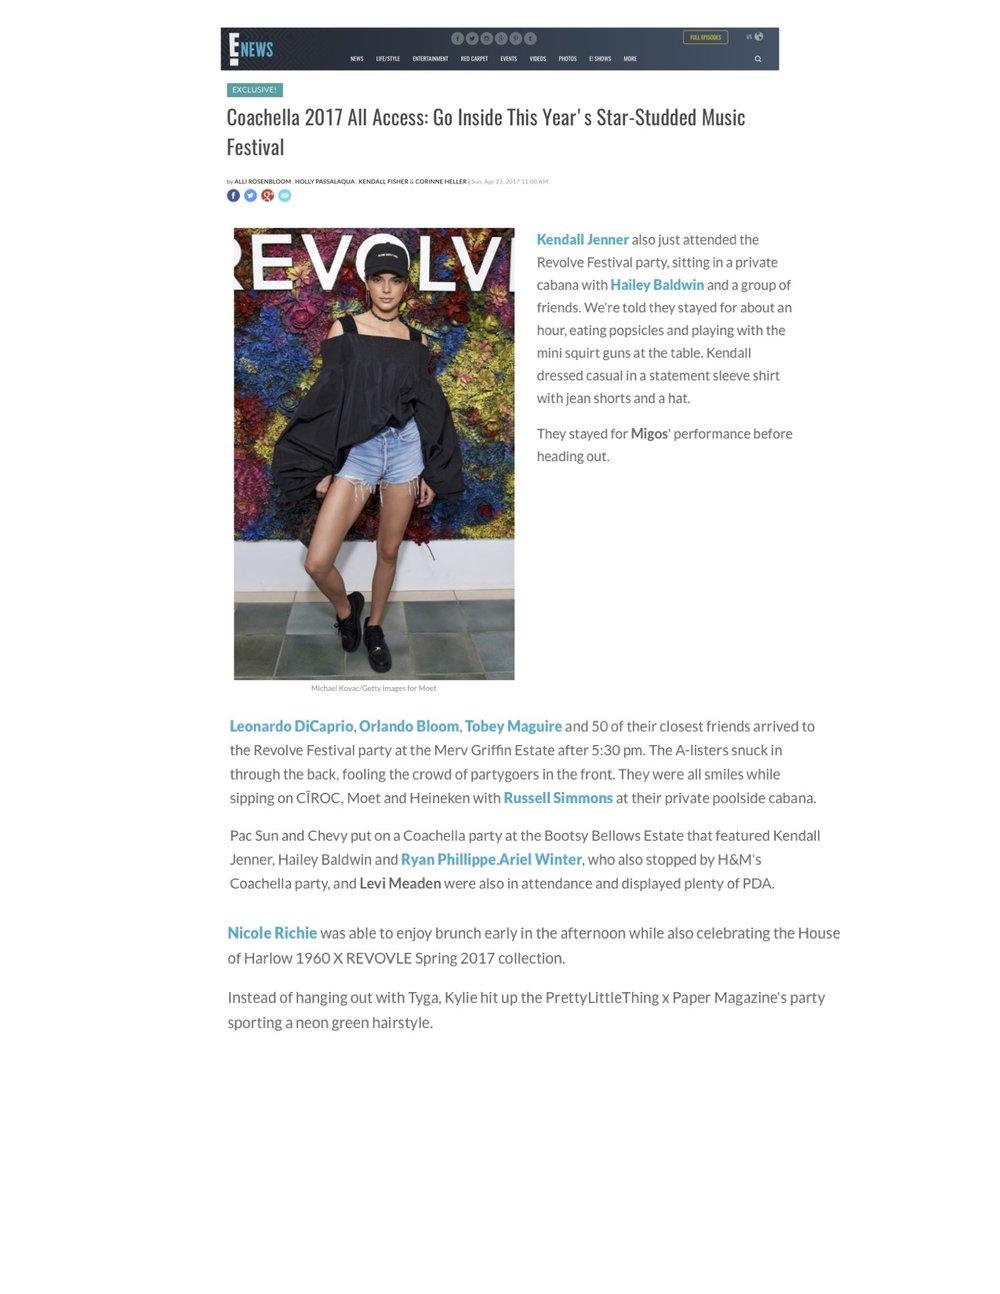 E! Online - REVOLVE Festival 2 .jpg